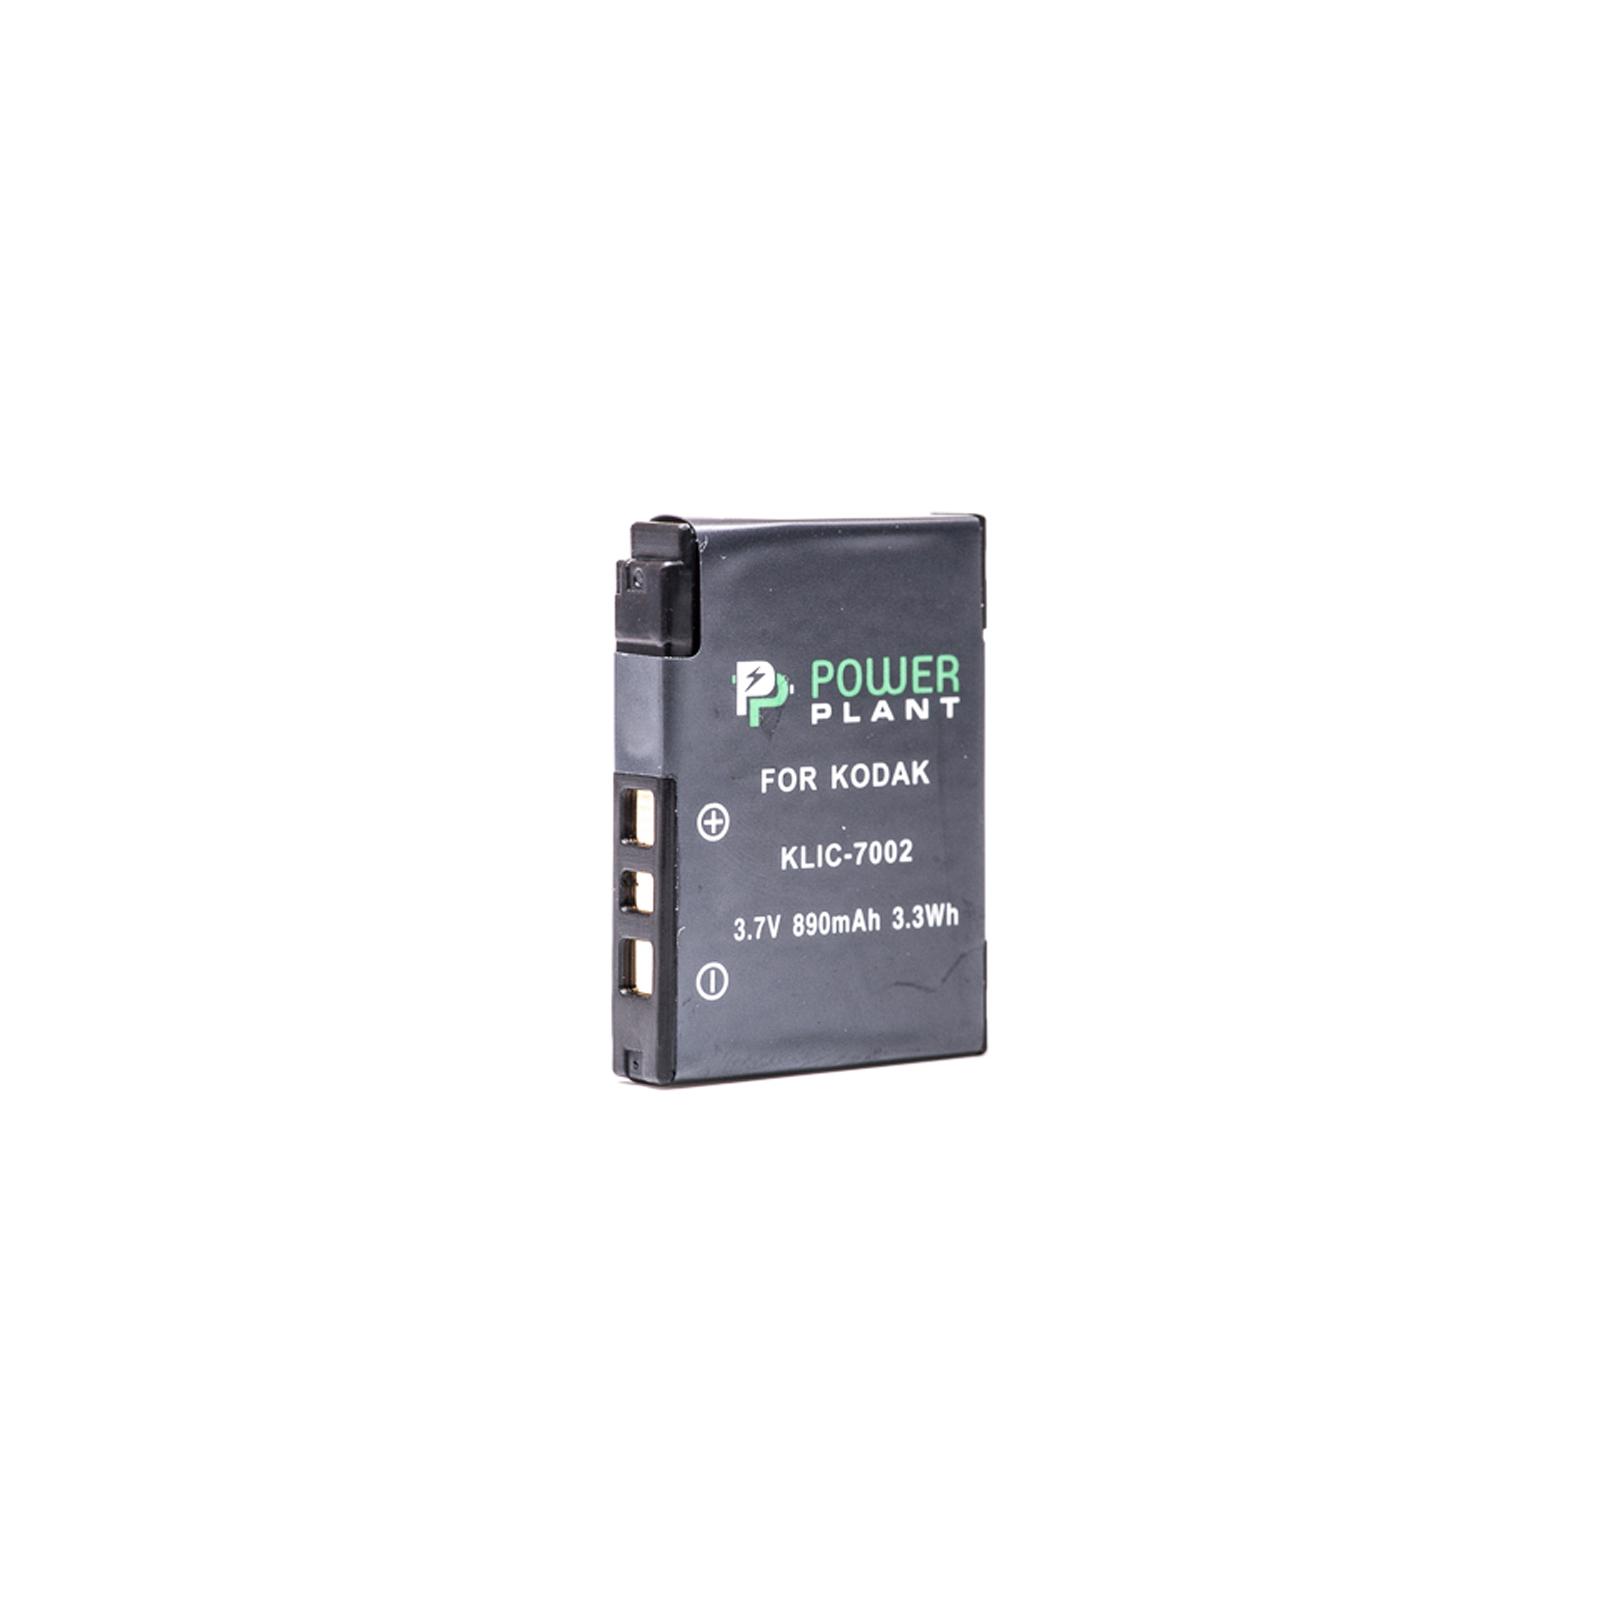 Аккумулятор к фото/видео PowerPlant Kodak KLIC-7002 (DV00DV1154)